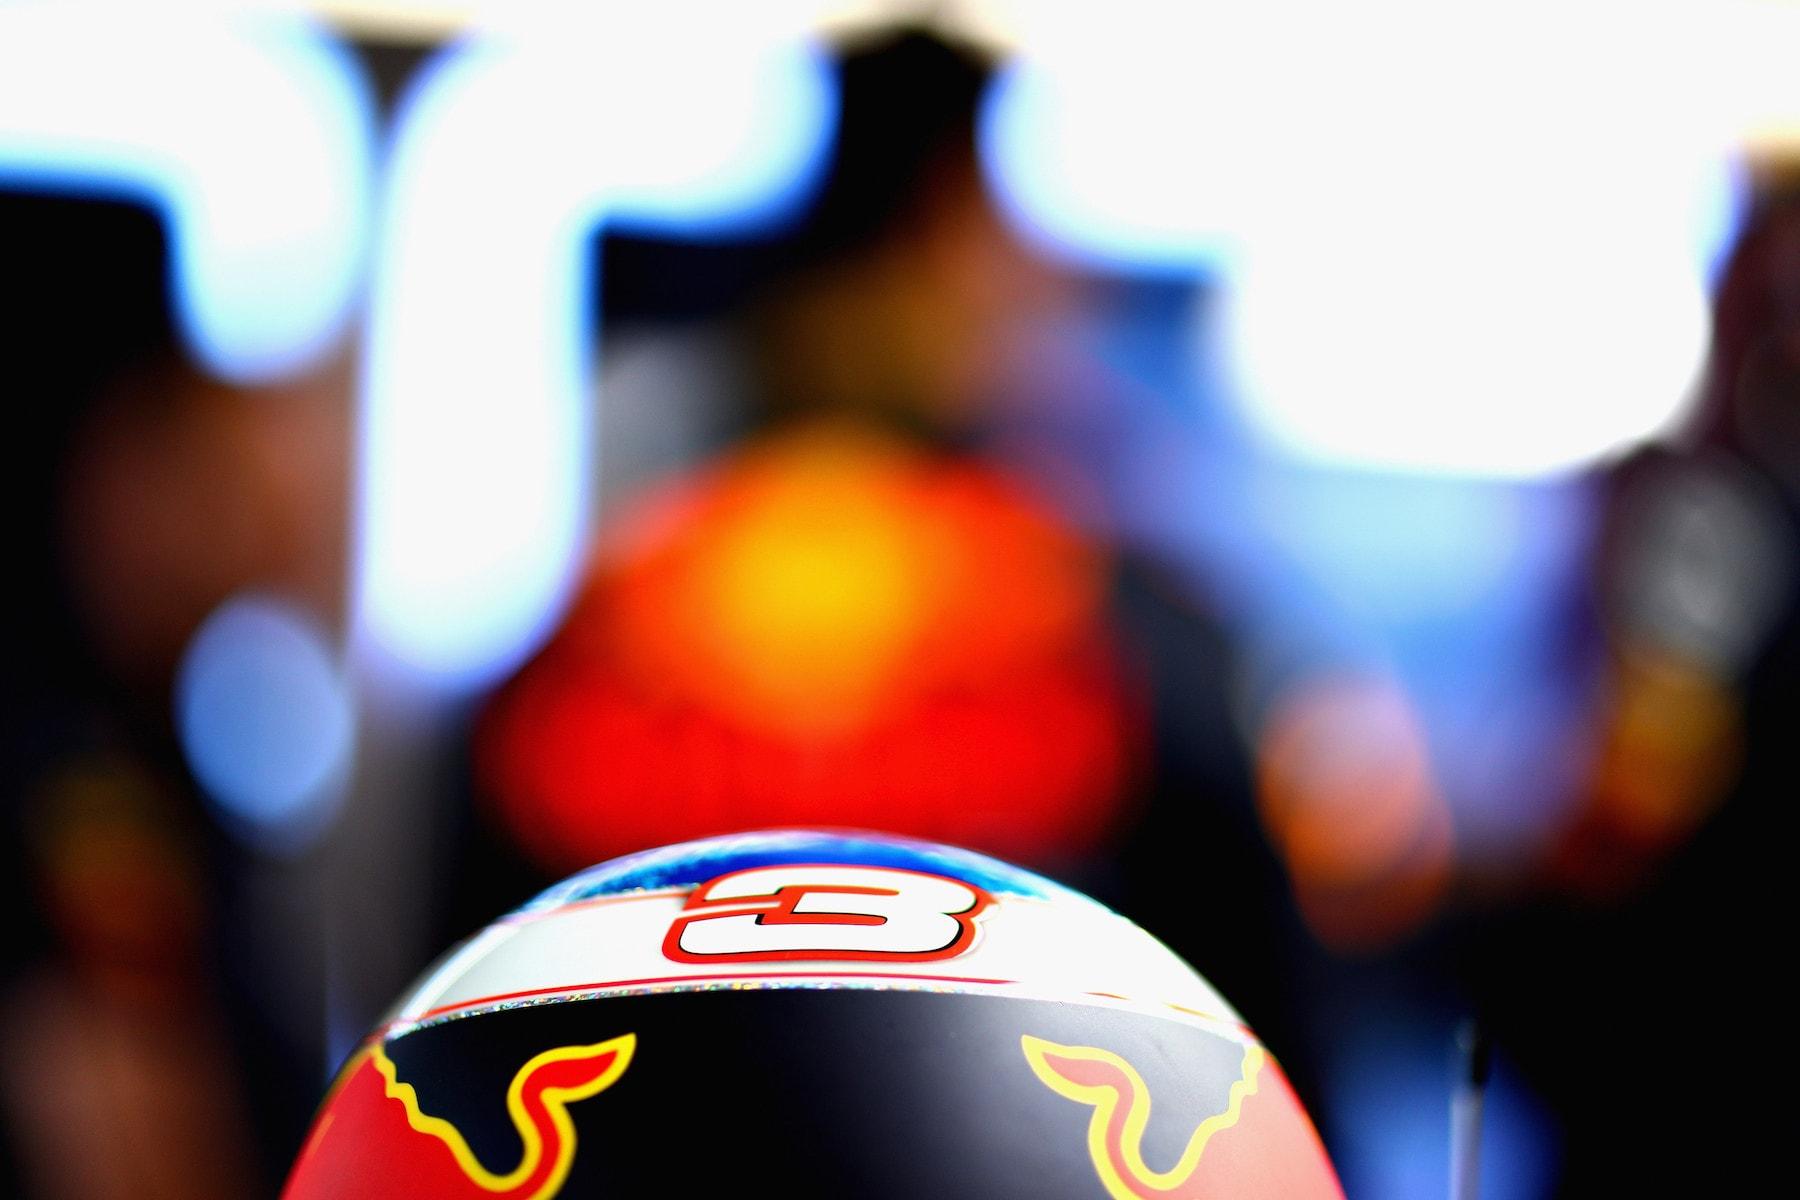 4 2018 Daniel Ricciardo | Red Bull RB14 | 2018 USGP FP2 1 copy.jpg